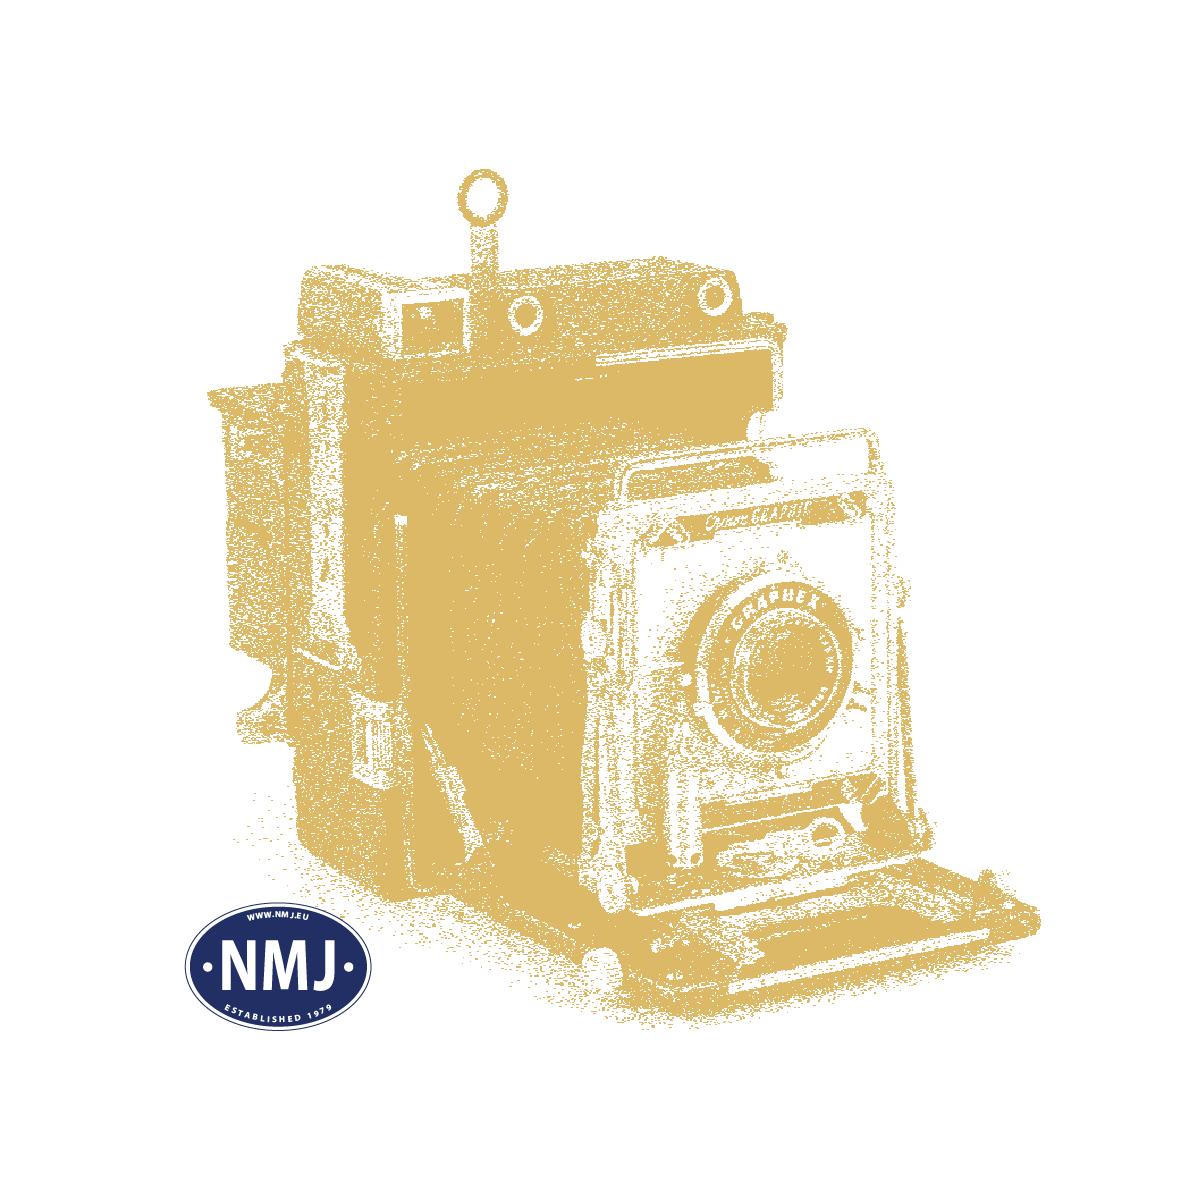 NMJS L4 50268 - NMJ Superline NSB L4 50268, *NMJ 40 YEAR*